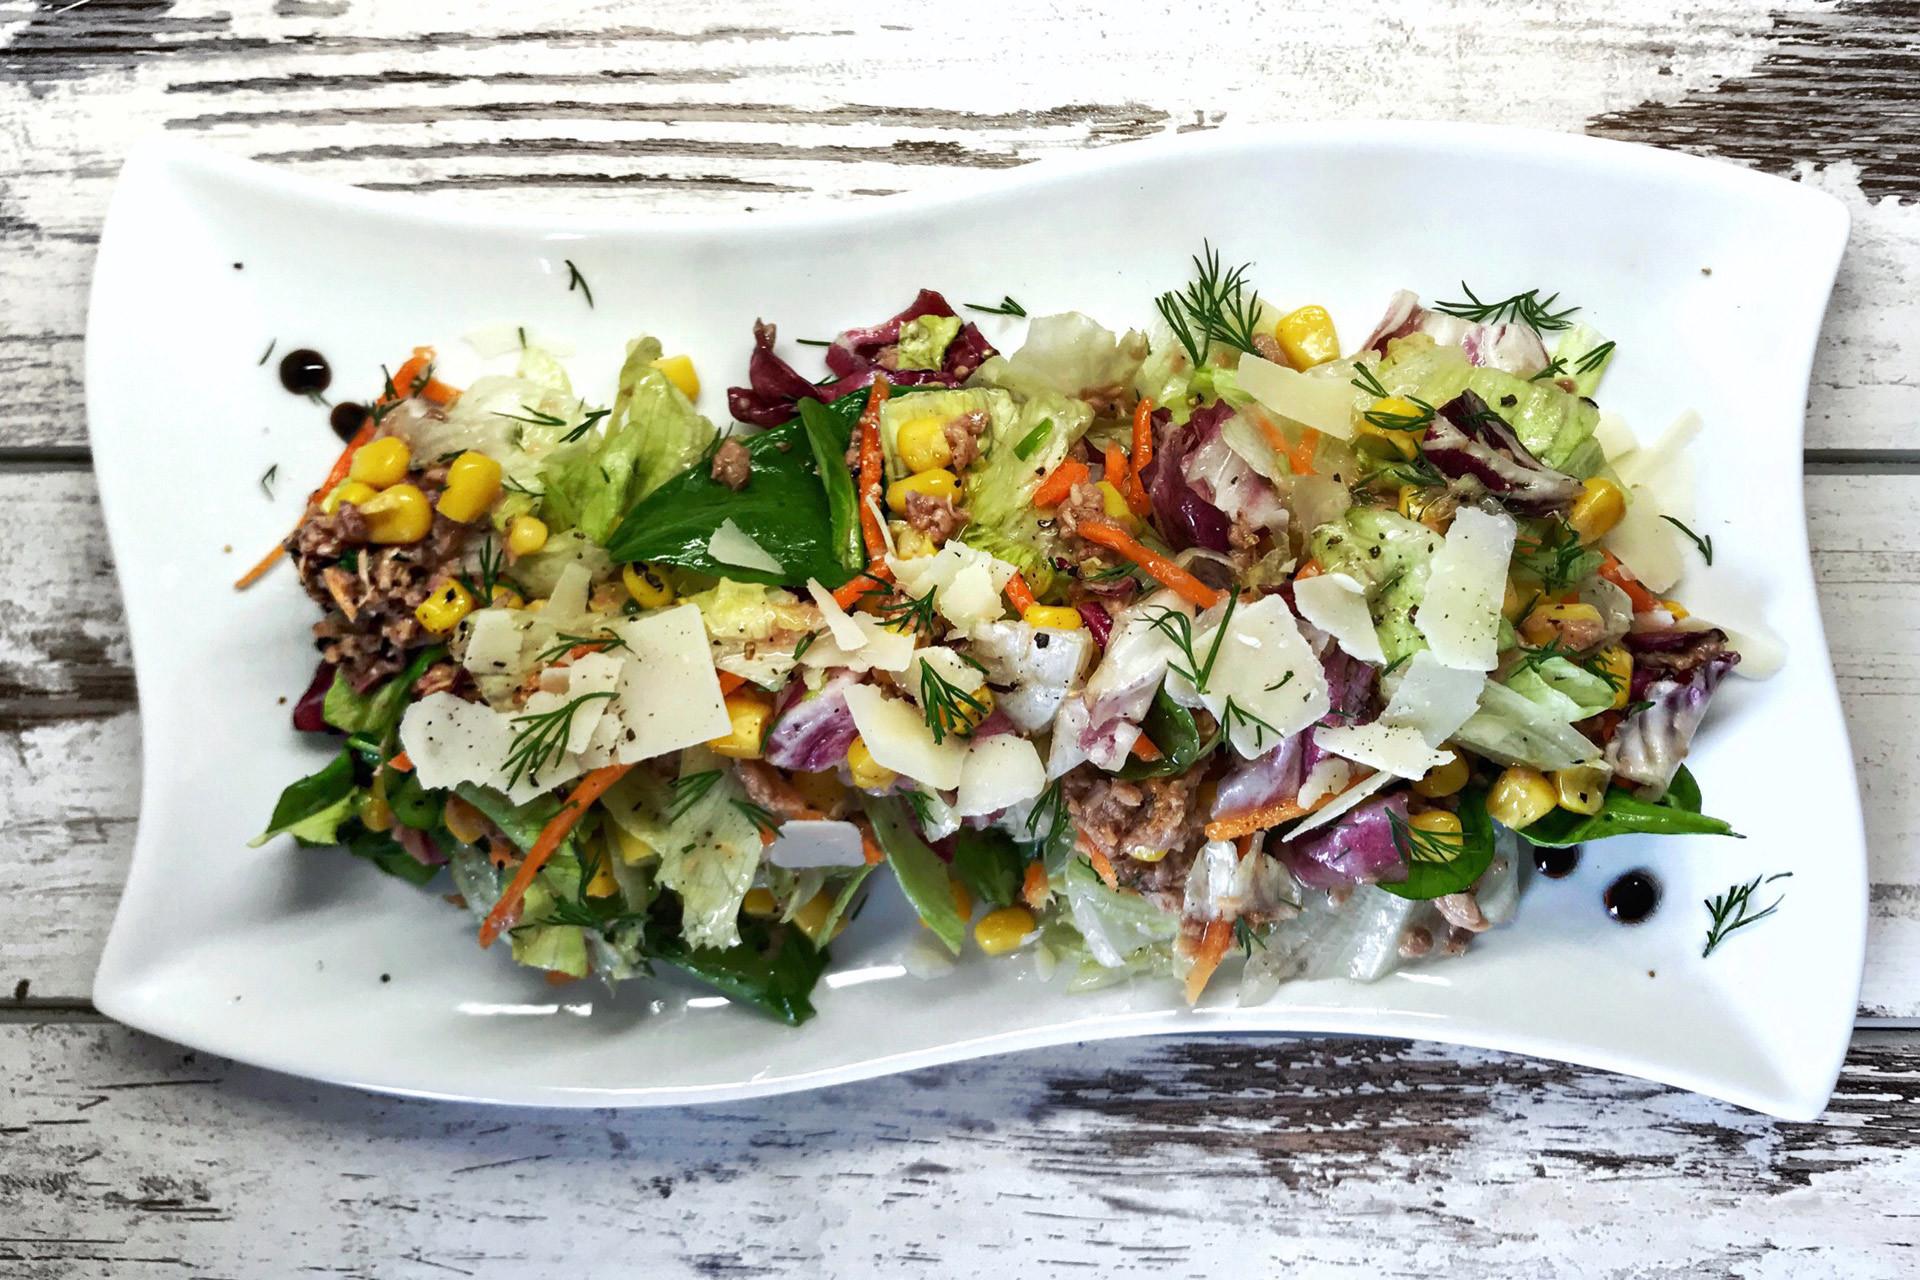 salata od tunjevine-tunjevina-salata-obrok salata-Mediteranea salata-Mediteranea-baby spanać-kukuruz šećerac-dijetalna hrana-klub zdravih navika-iceberg salat centar